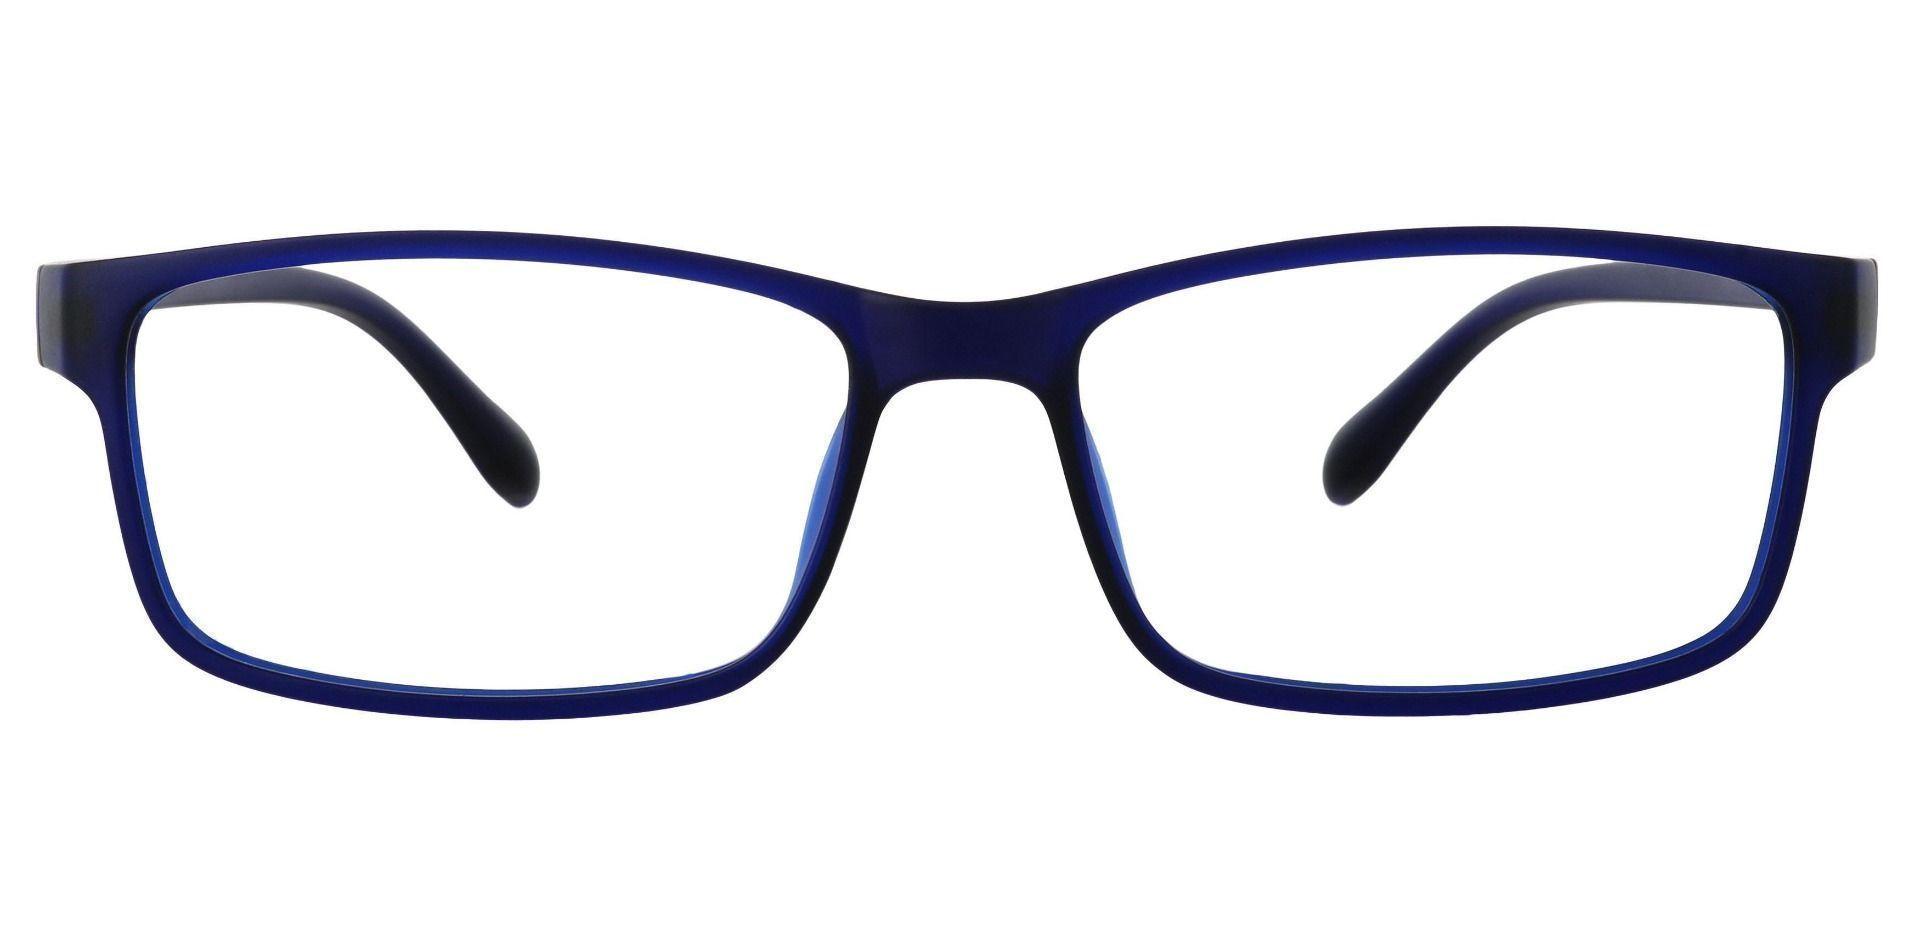 Candice Rectangle Prescription Glasses - Blue